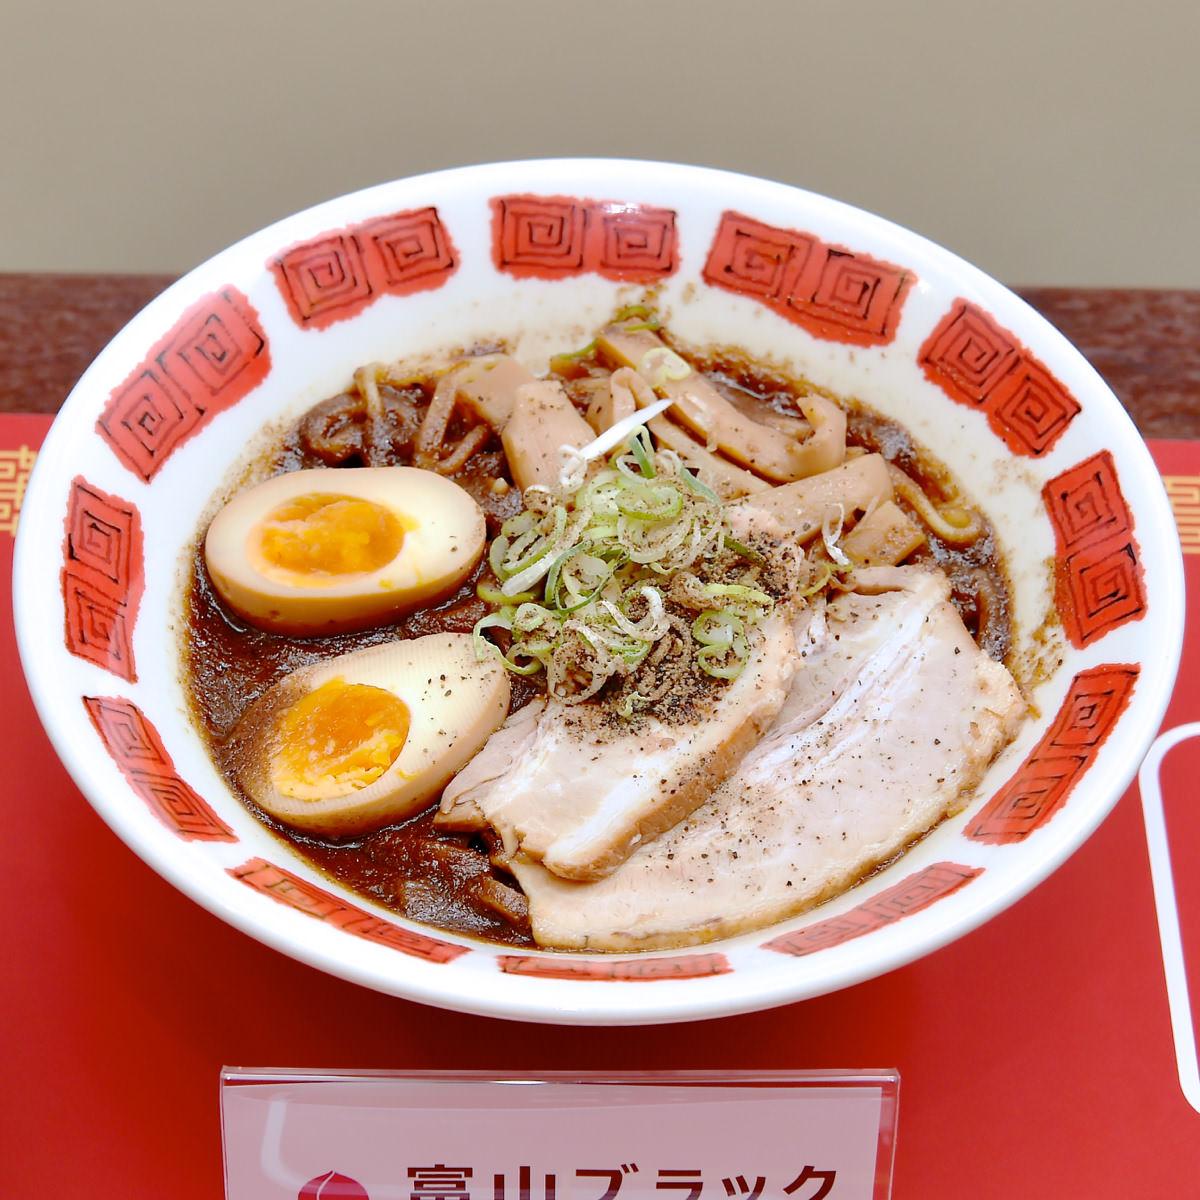 バーミヤン「6種味くらべ ご当地ラーメン祭り」富山ブラックラーメン